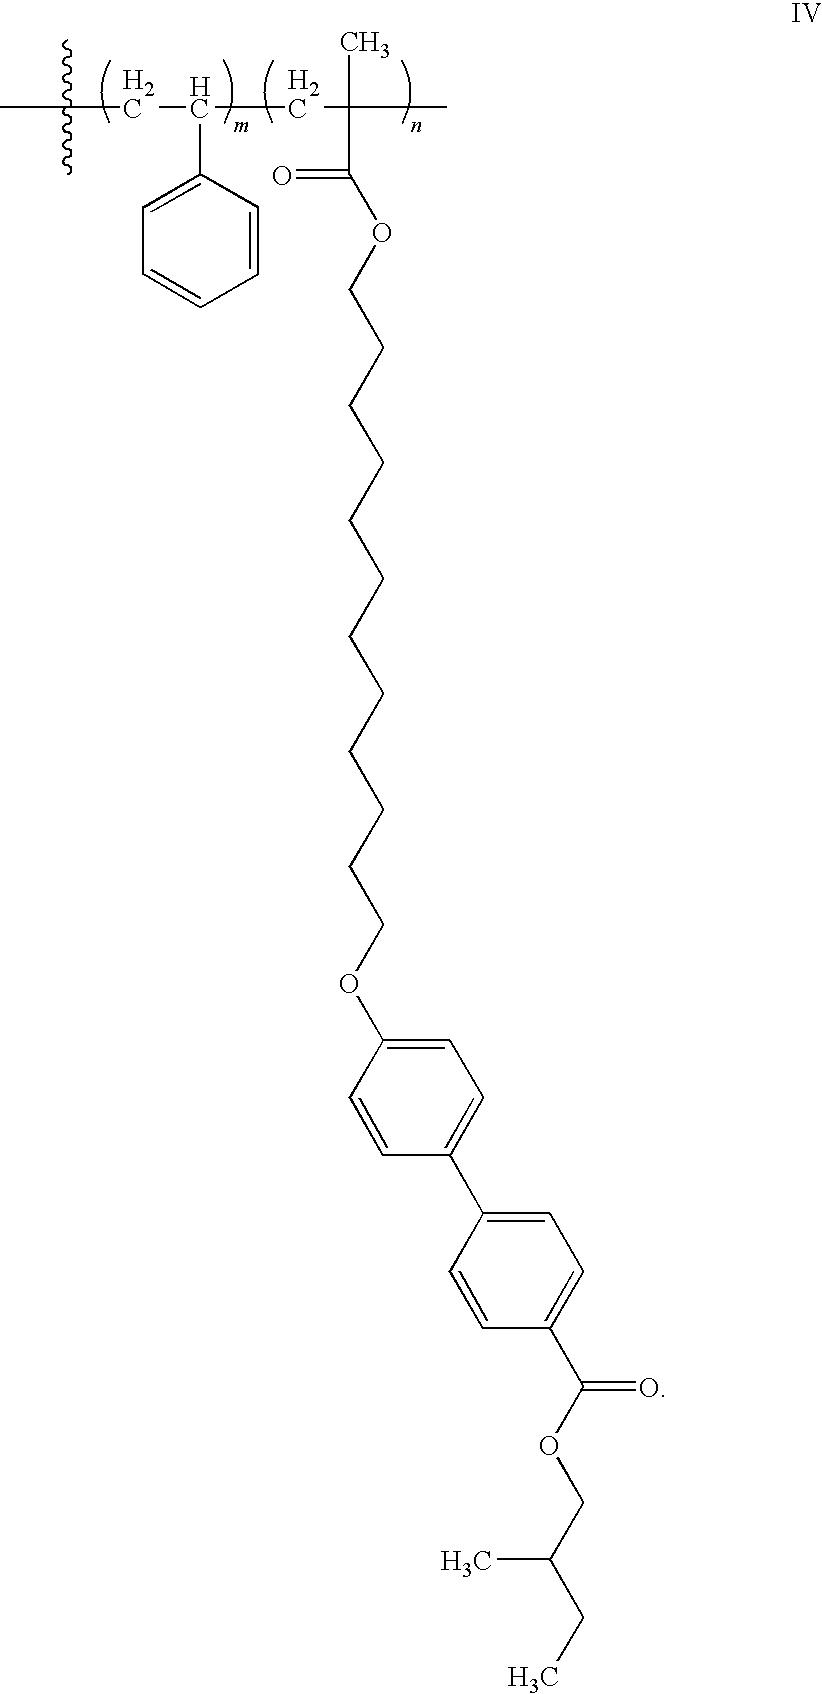 Figure US07582078-20090901-C00008